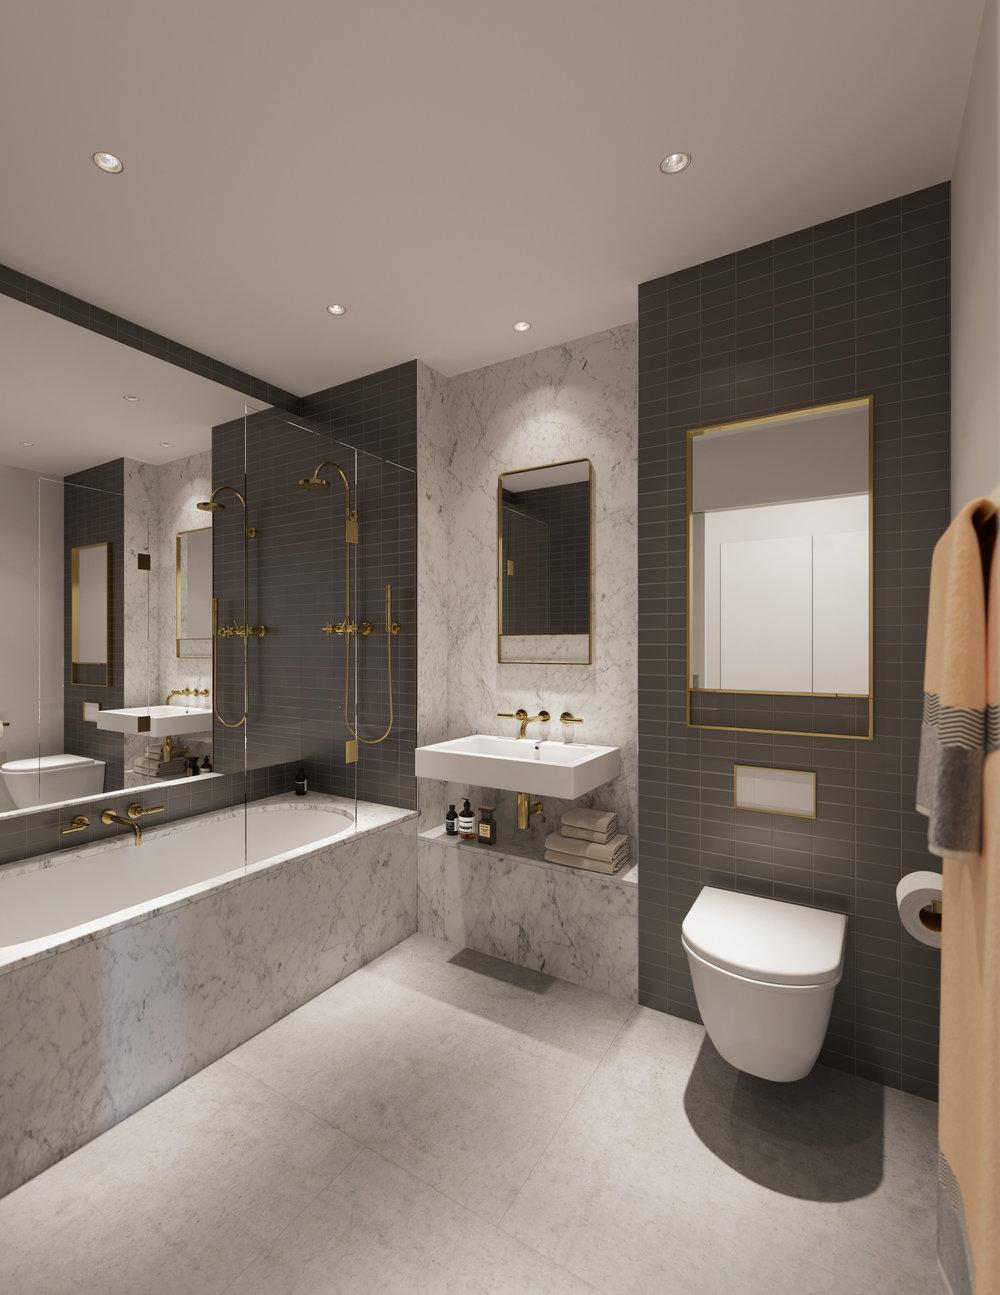 Block_C_bathroom_Final-Image_2.5k.jpg